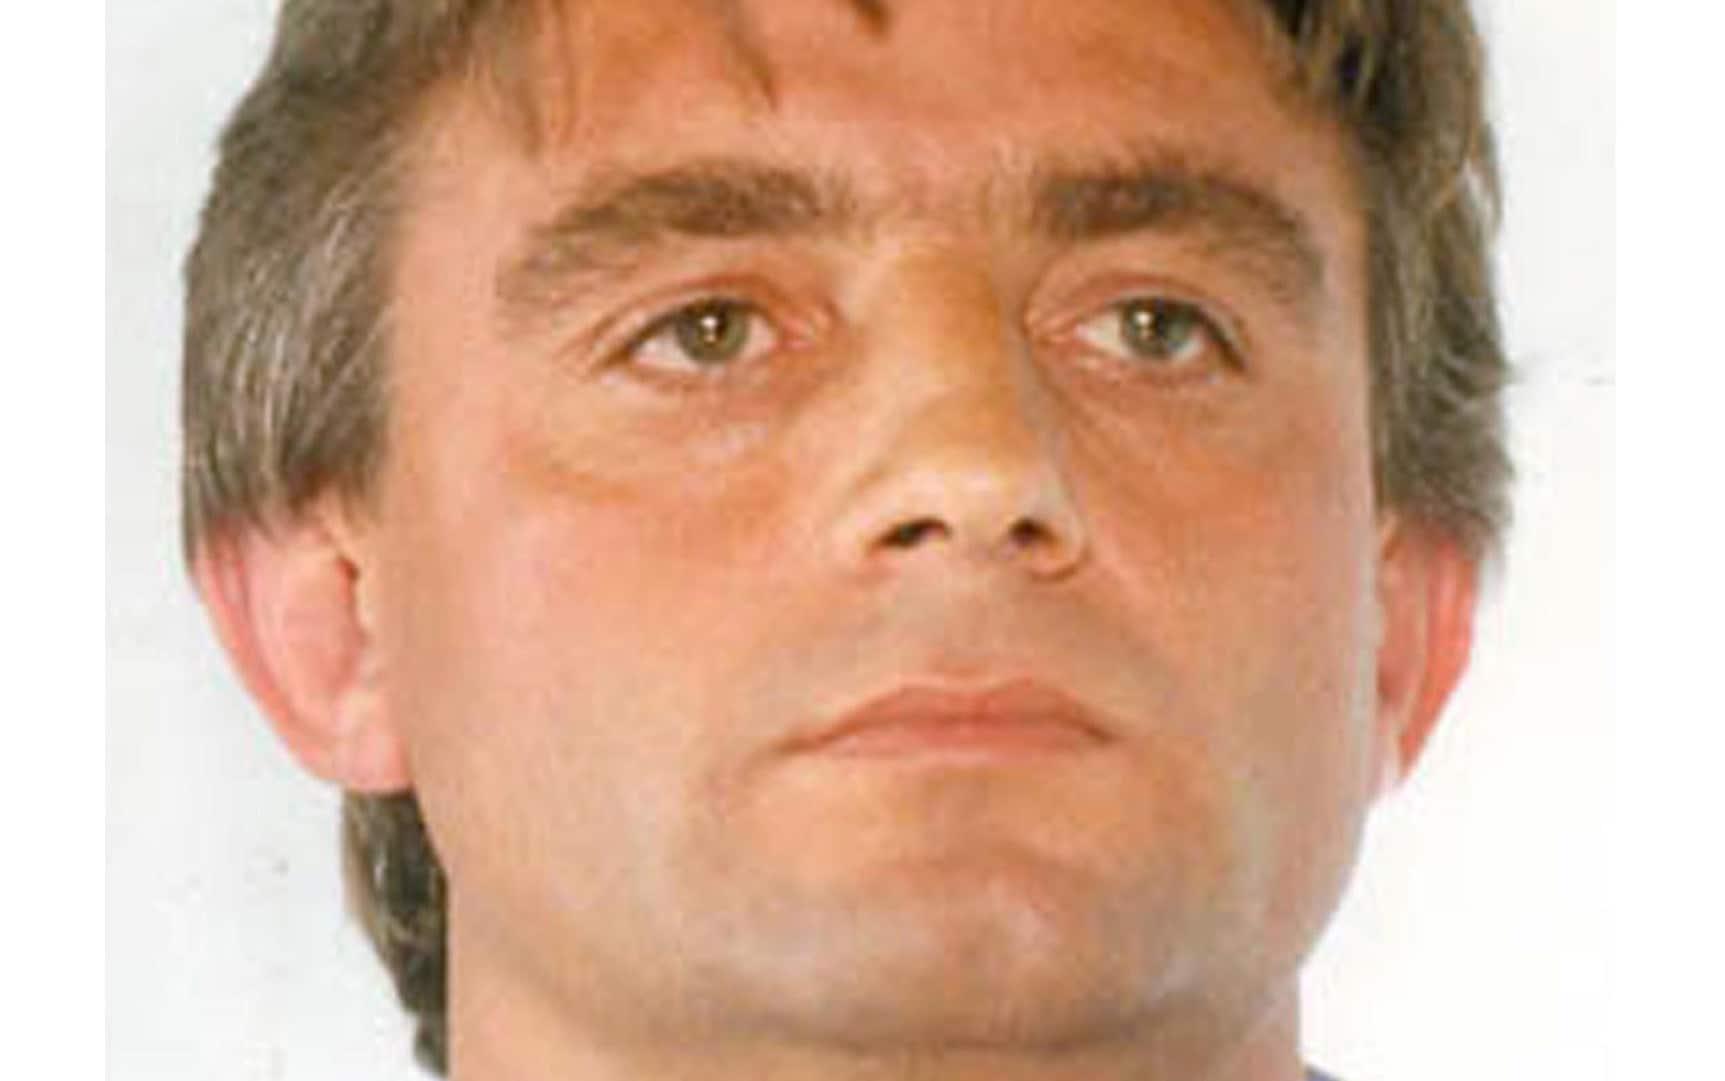 Torna in carcere il boss ergastolano Pasquale Zagaria